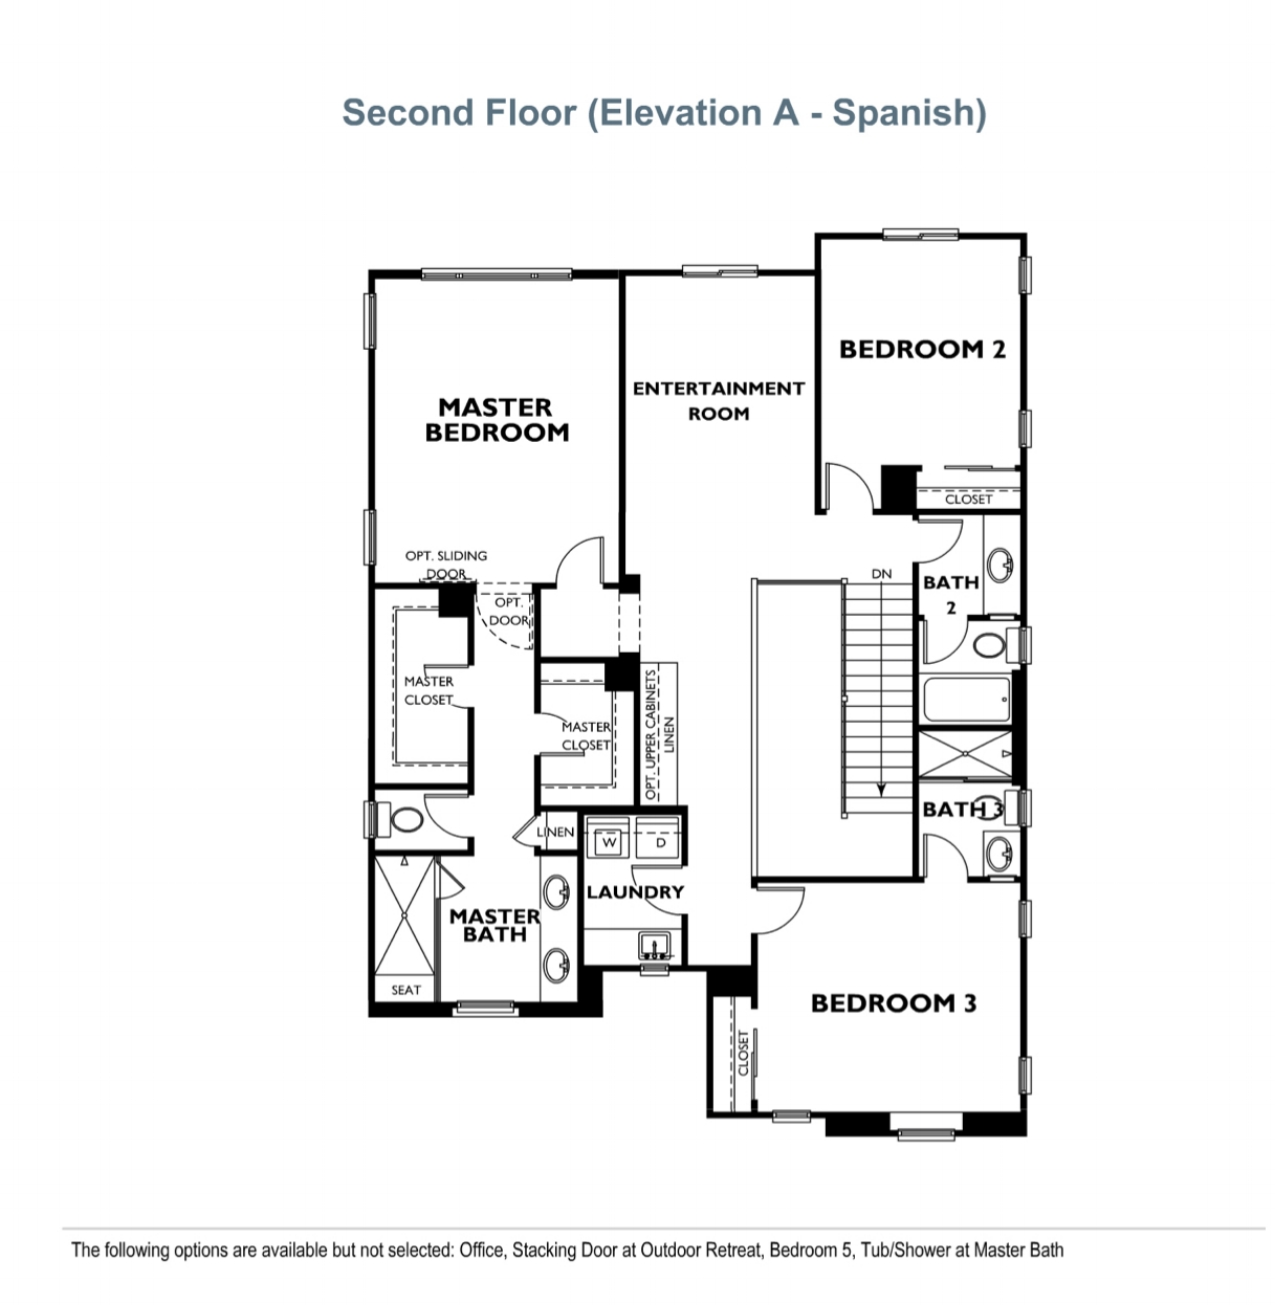 Ridgewood - Plan 3 - Second Floor